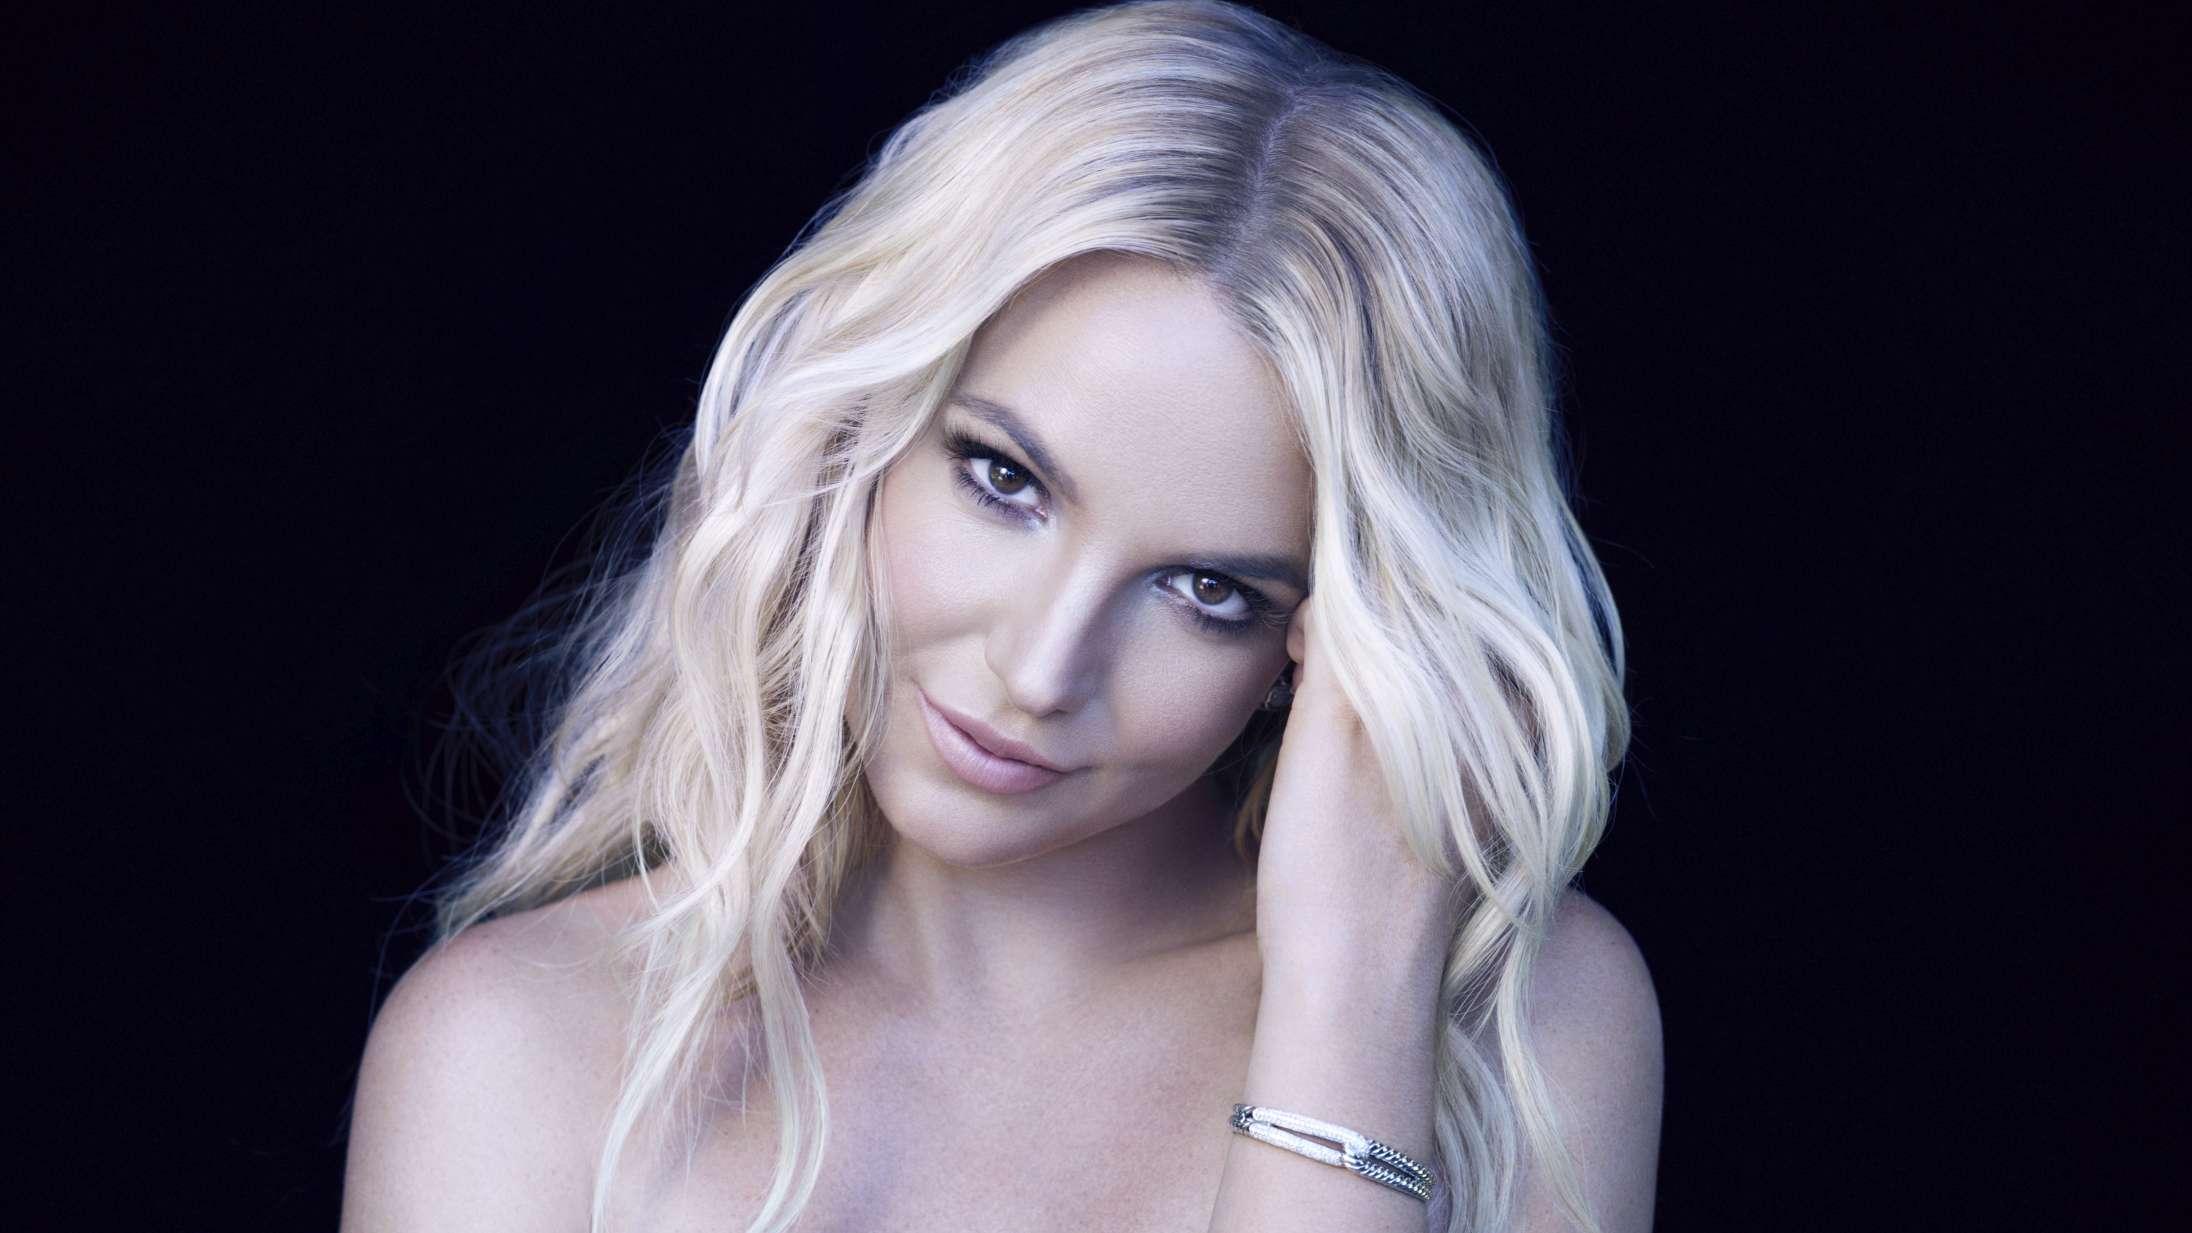 Ny Instagram-video af Britney Spears har fået alarmklokkerne til at ringe hos hendes fans